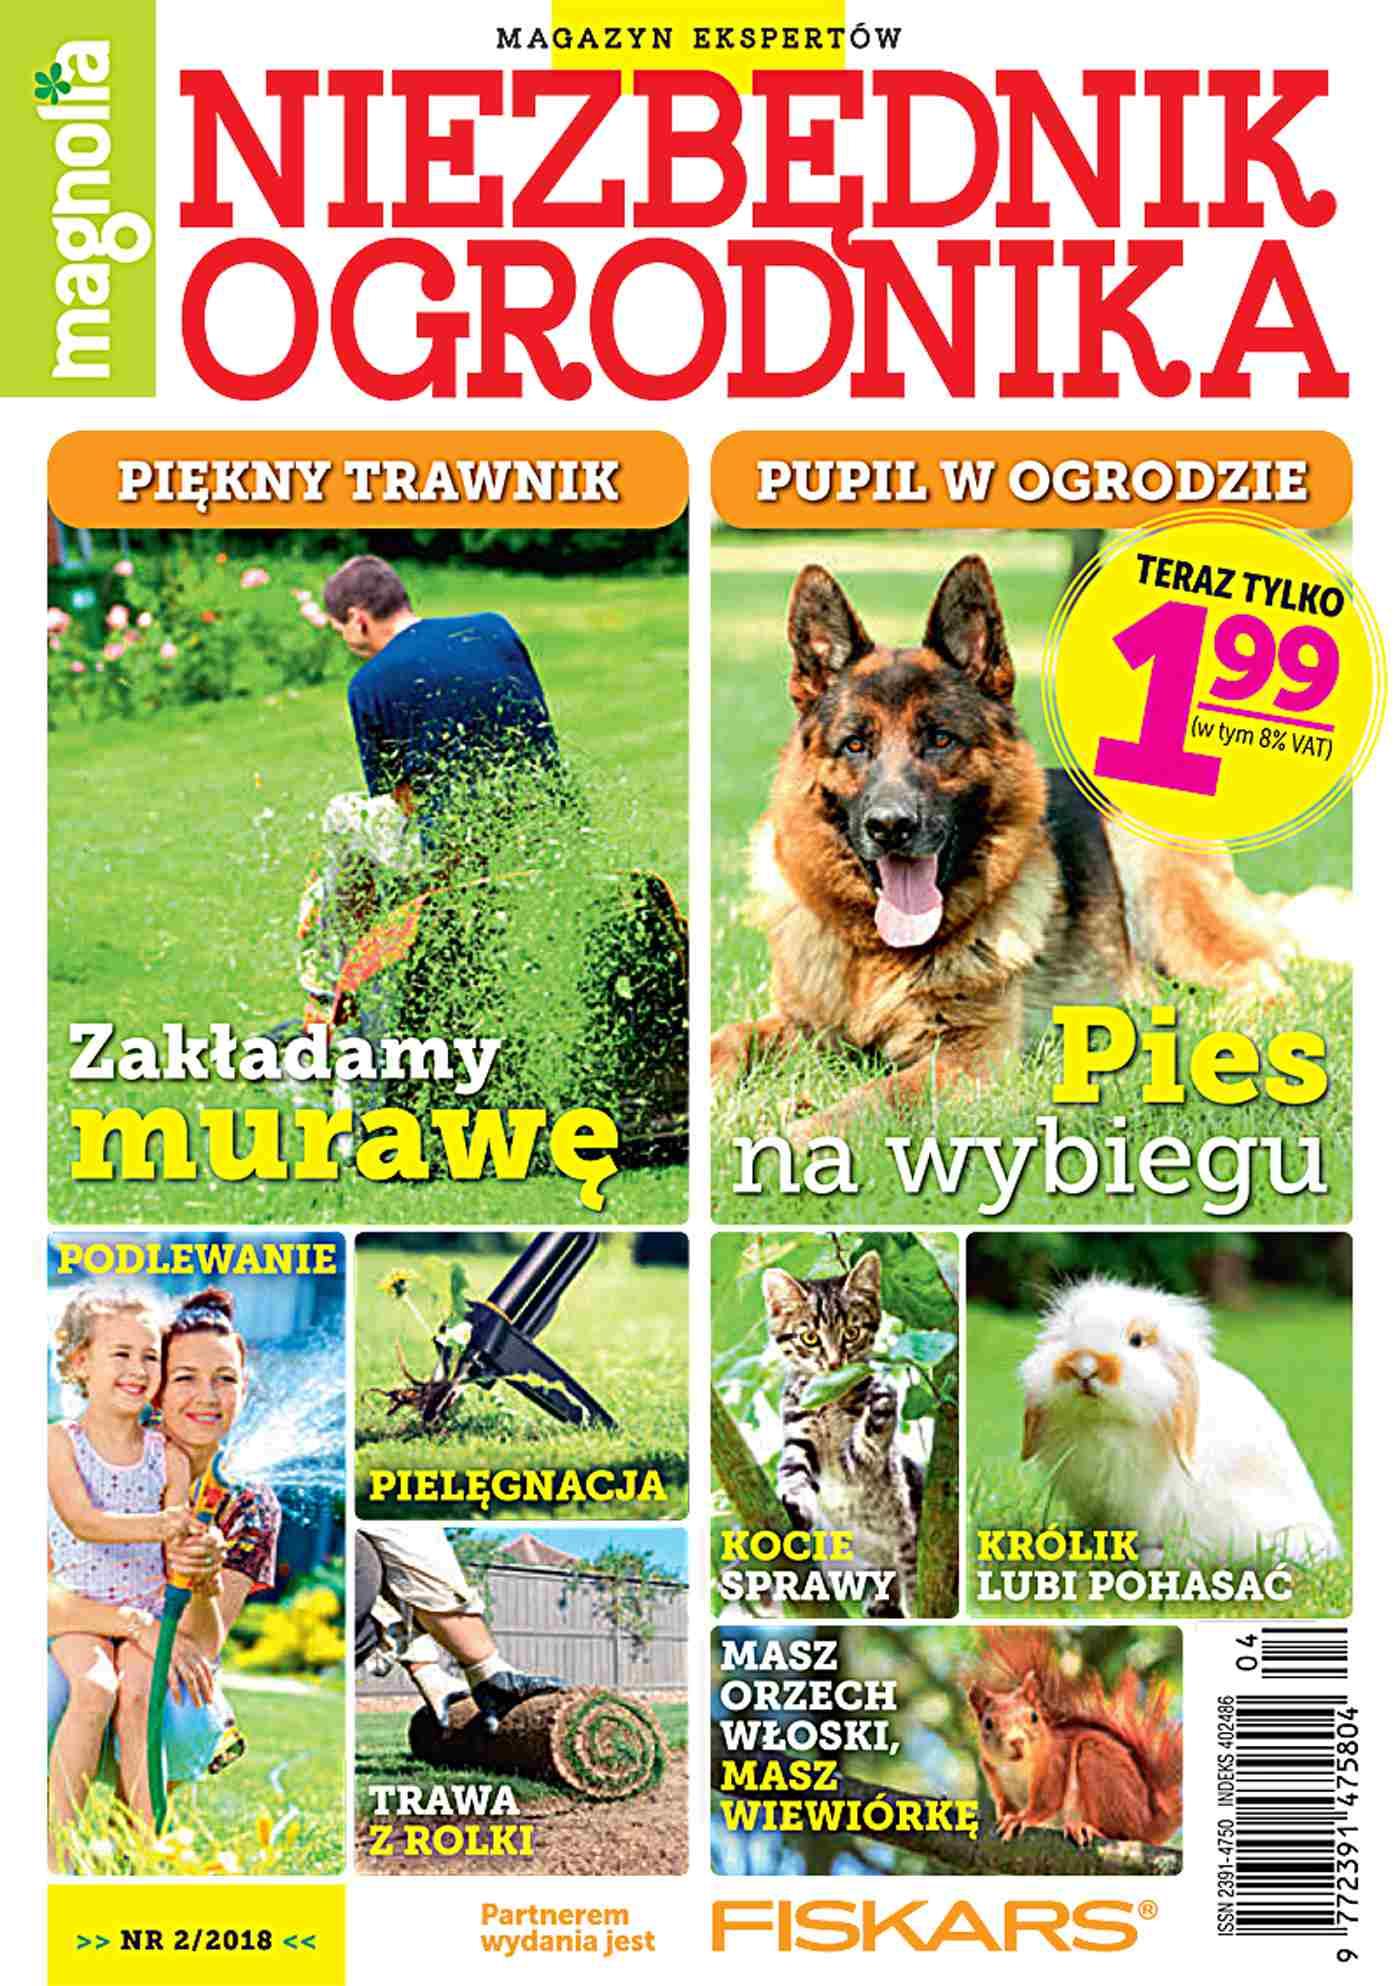 Niezbędnik Ogrodnika 2/2018 - Ebook (Książka PDF) do pobrania w formacie PDF